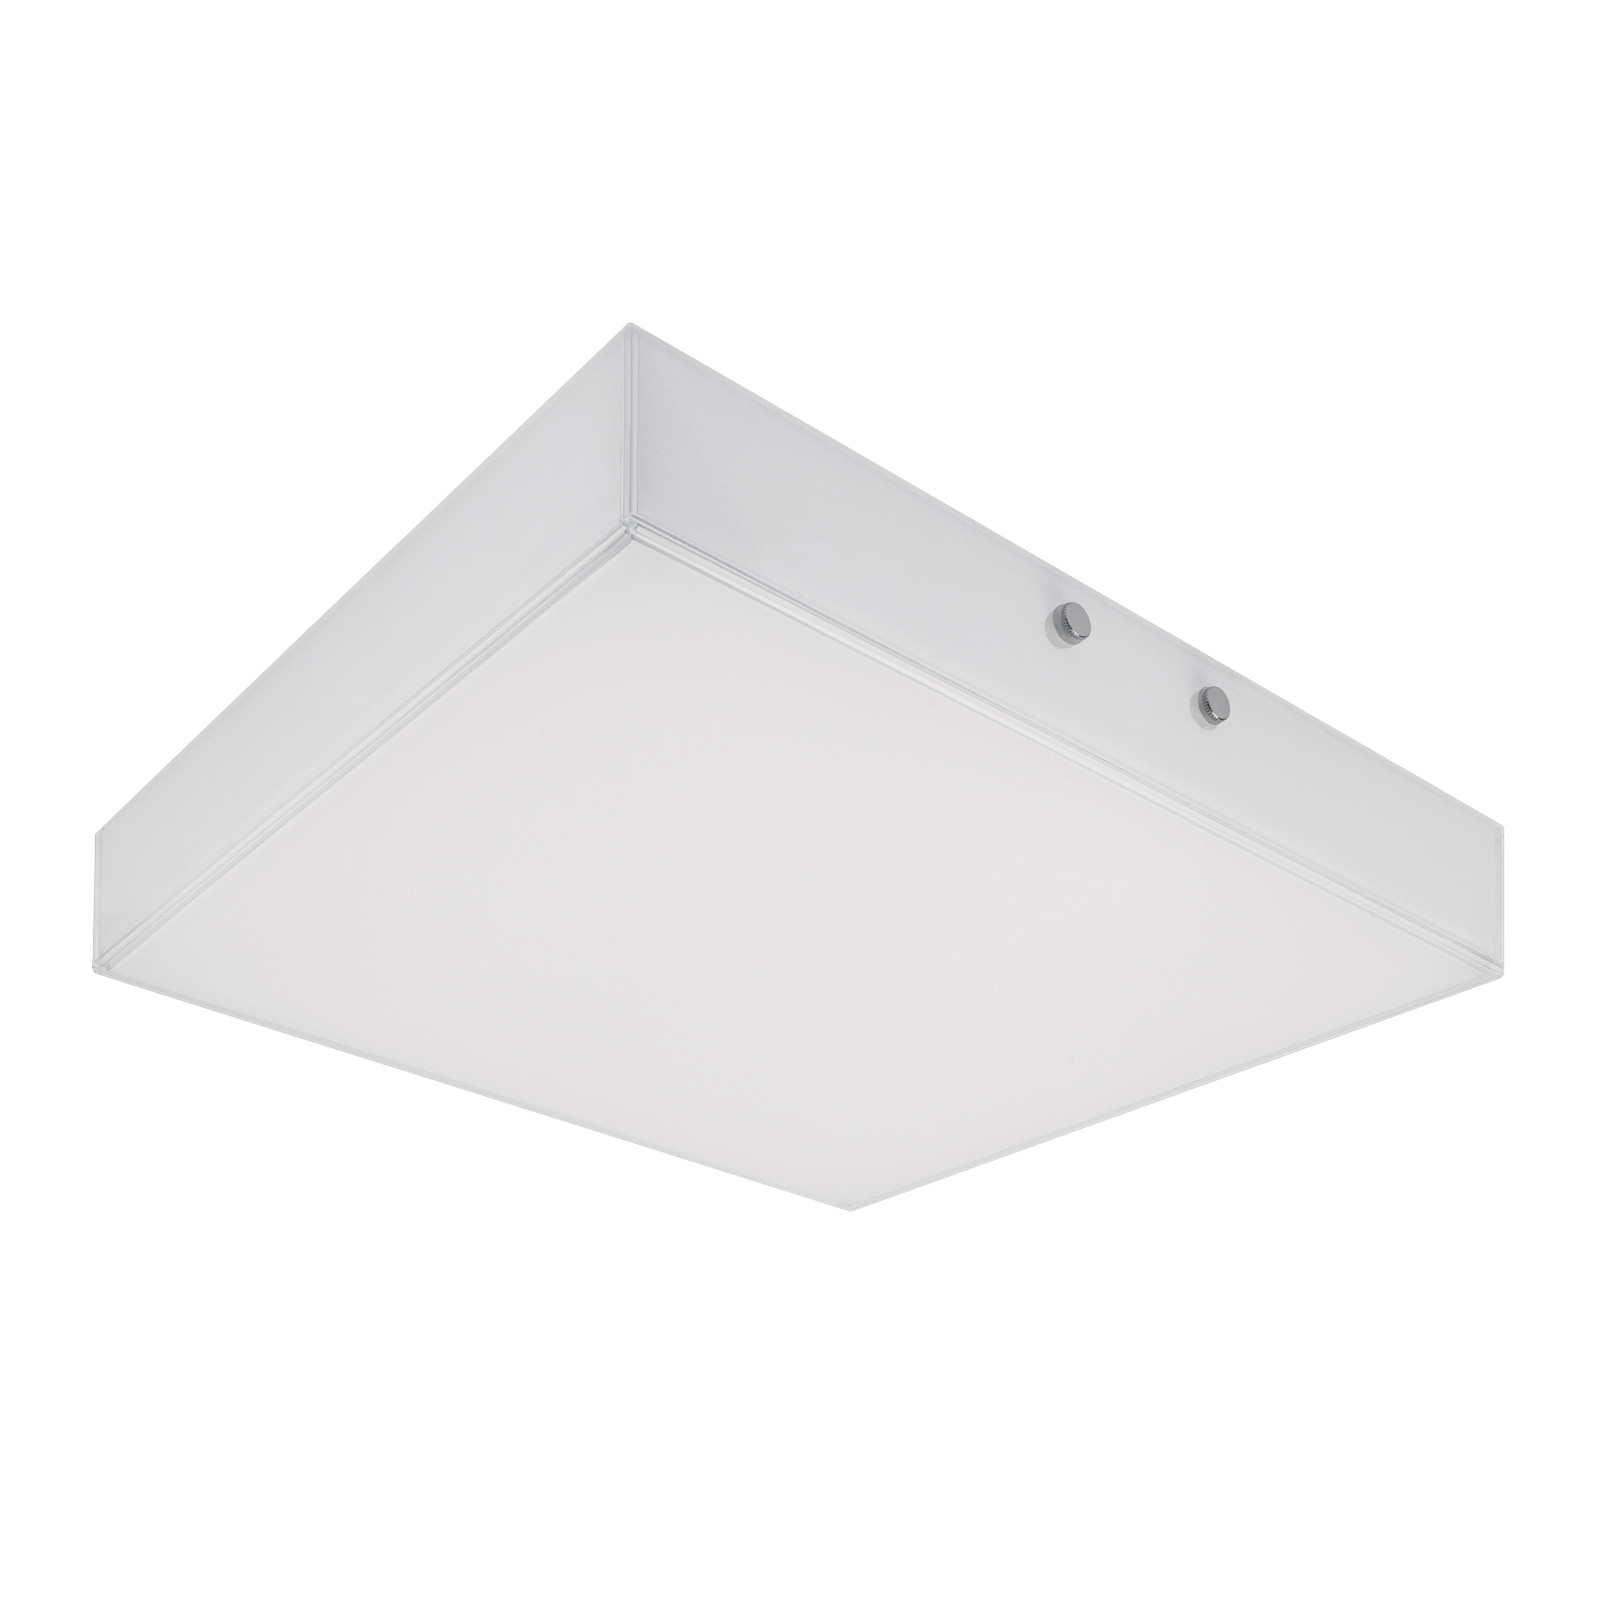 LEDVANCE Lunive Quadro lampa sufitowa 30cm 3000K